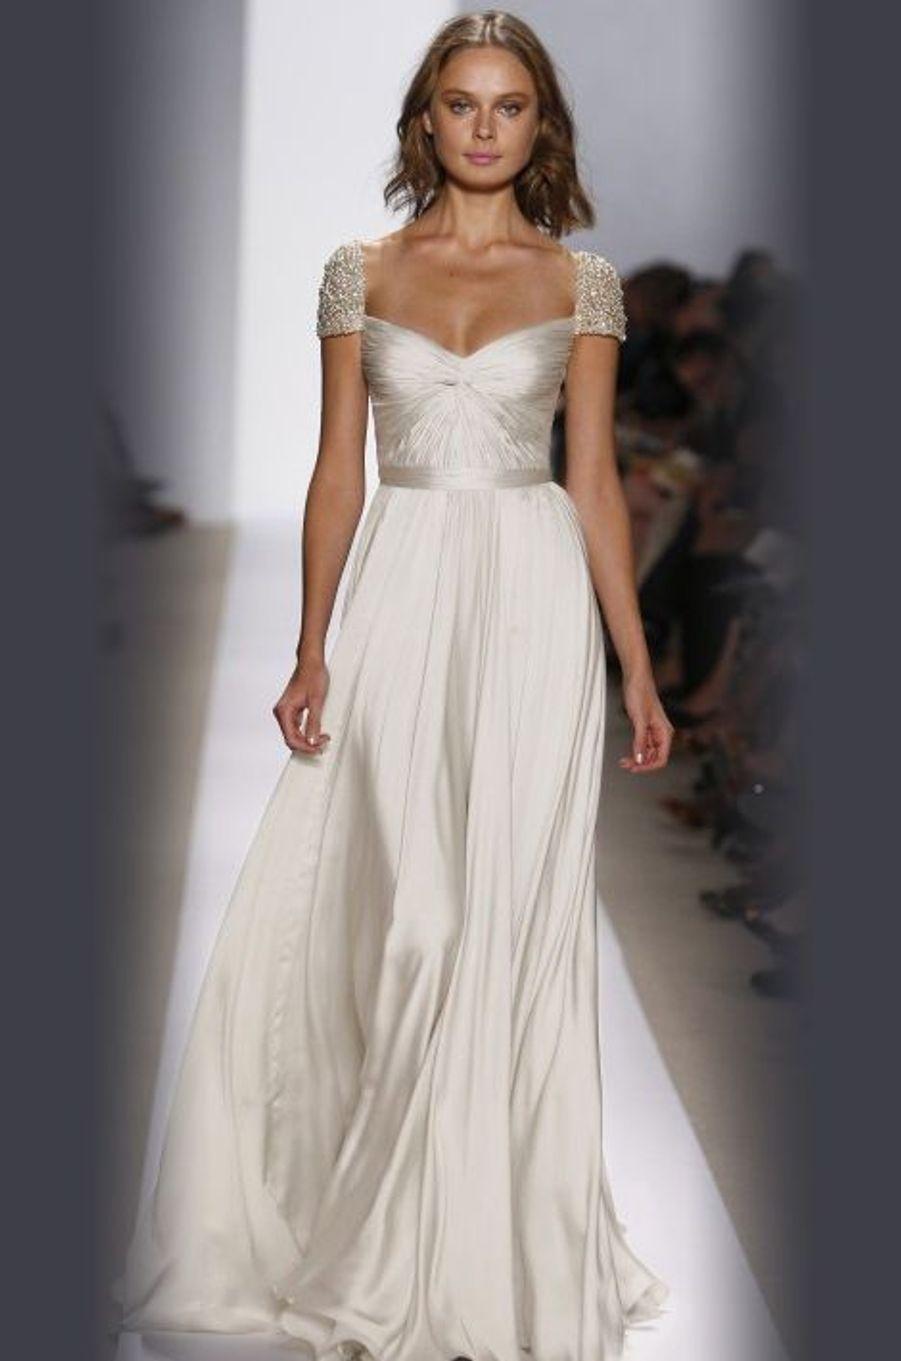 La créatrice libanaise s'est spécialisée dans les robes de mariée et rencontre un vif succès dans le monde entier. Cette robe fluide en soie appartient à la collection 2008 mais s'impose comme un intemporel par sa simplicité.